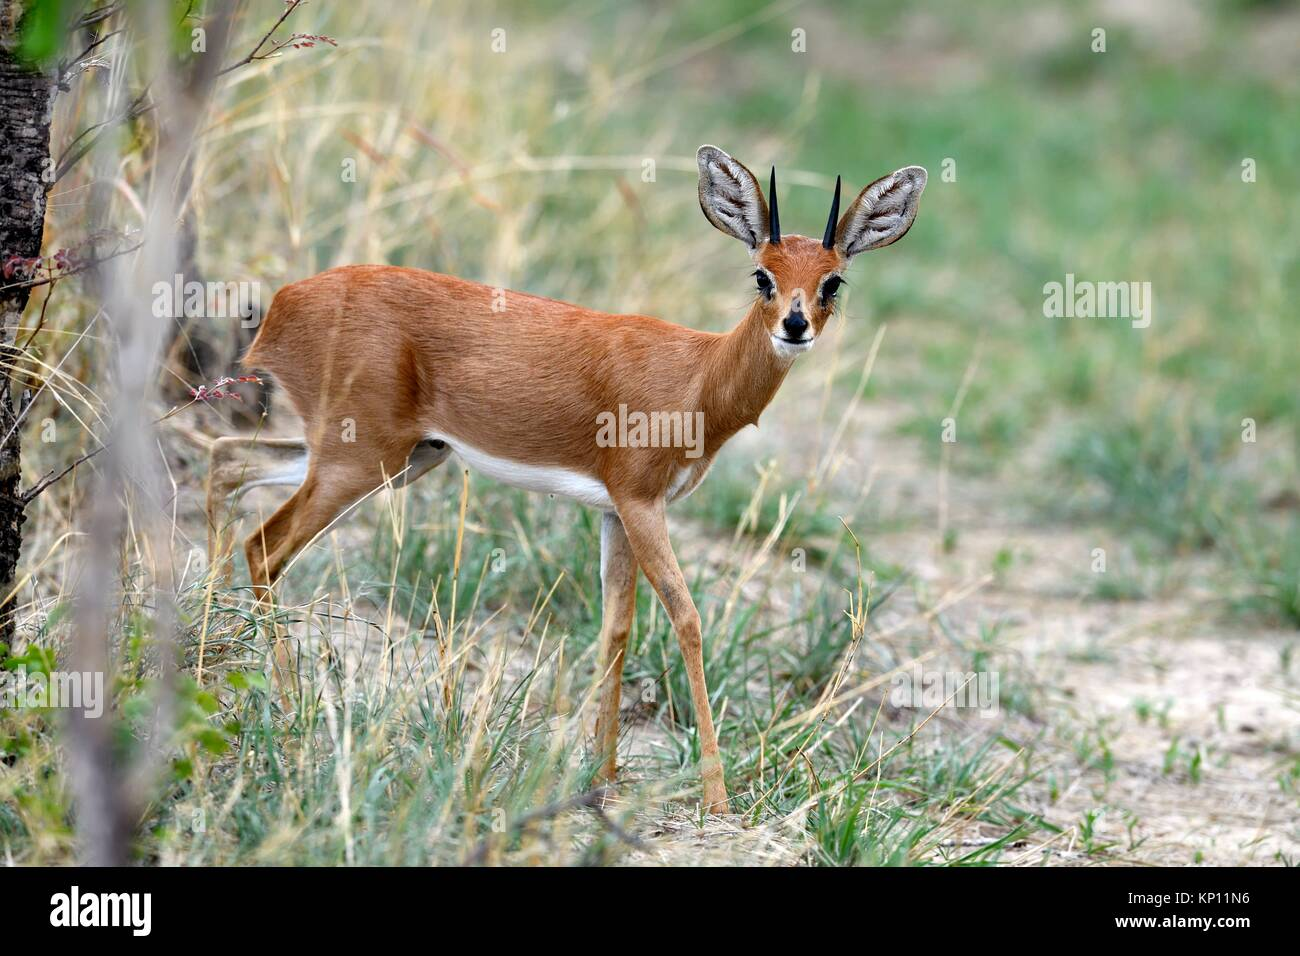 Steenbok male (Raphicerus campestris) Hwange National Park, Zimbabwe. - Stock Image